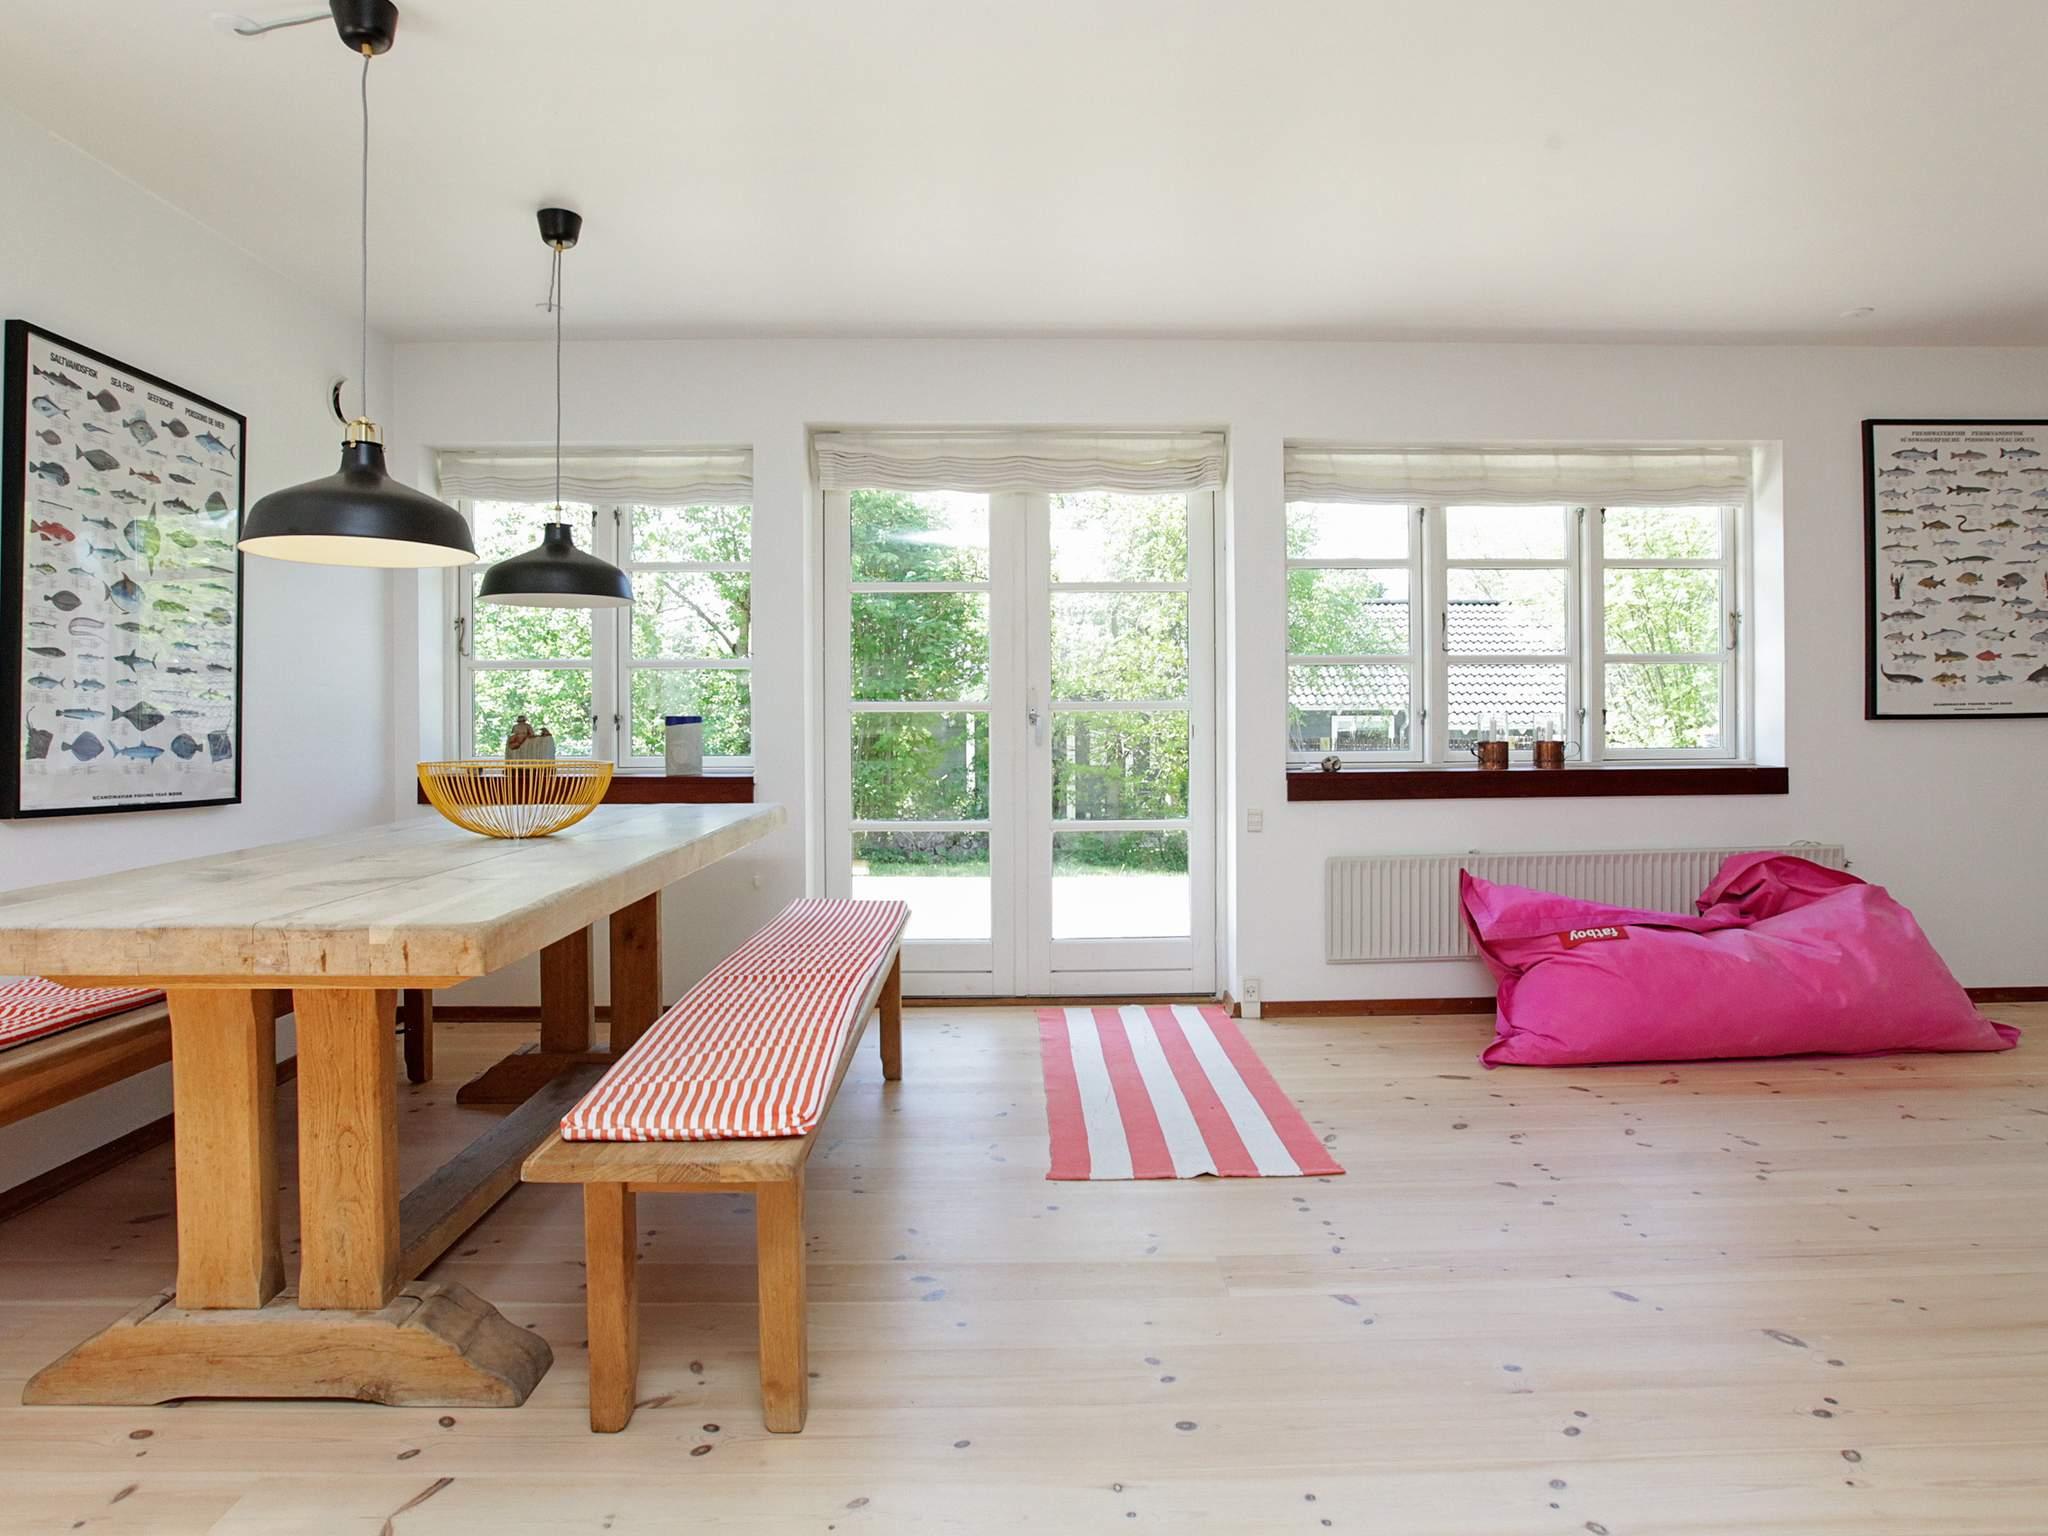 Ferienhaus Udsholt Strand (2417490), Udsholt, , Nordseeland, Dänemark, Bild 8